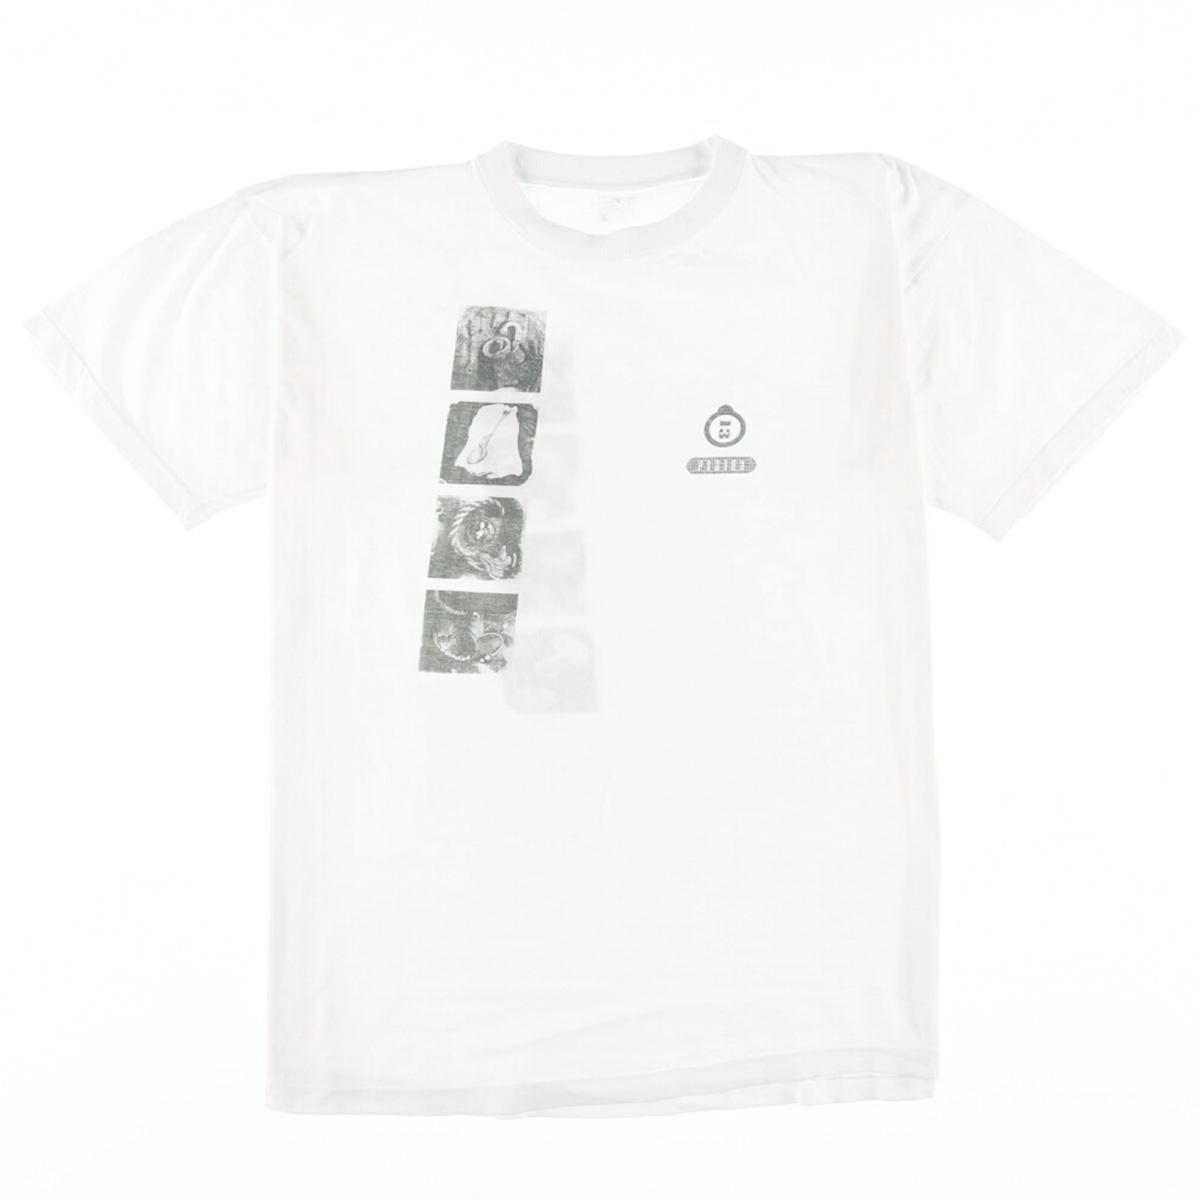 古着屋JAMのバンドTシャツ